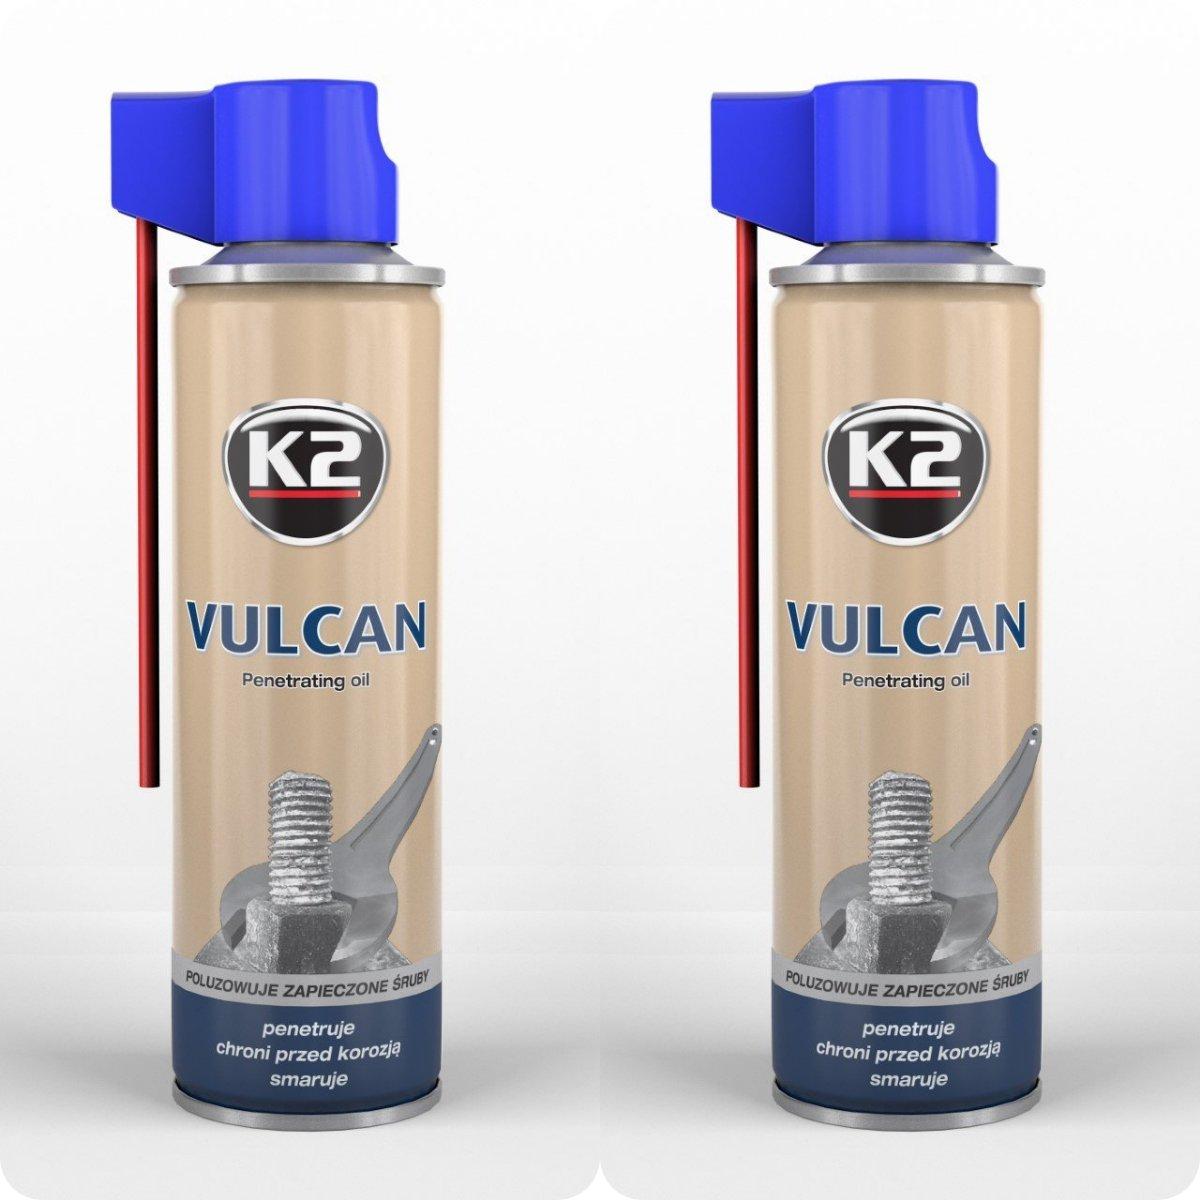 2パック| k2 Vulcan Penetrating Oil Spray ( 8.4 Oz )多目的合成Penetratingスプレー潤滑剤|に対する保護腐食| Ideal for高&低温度 B01HEH35YO